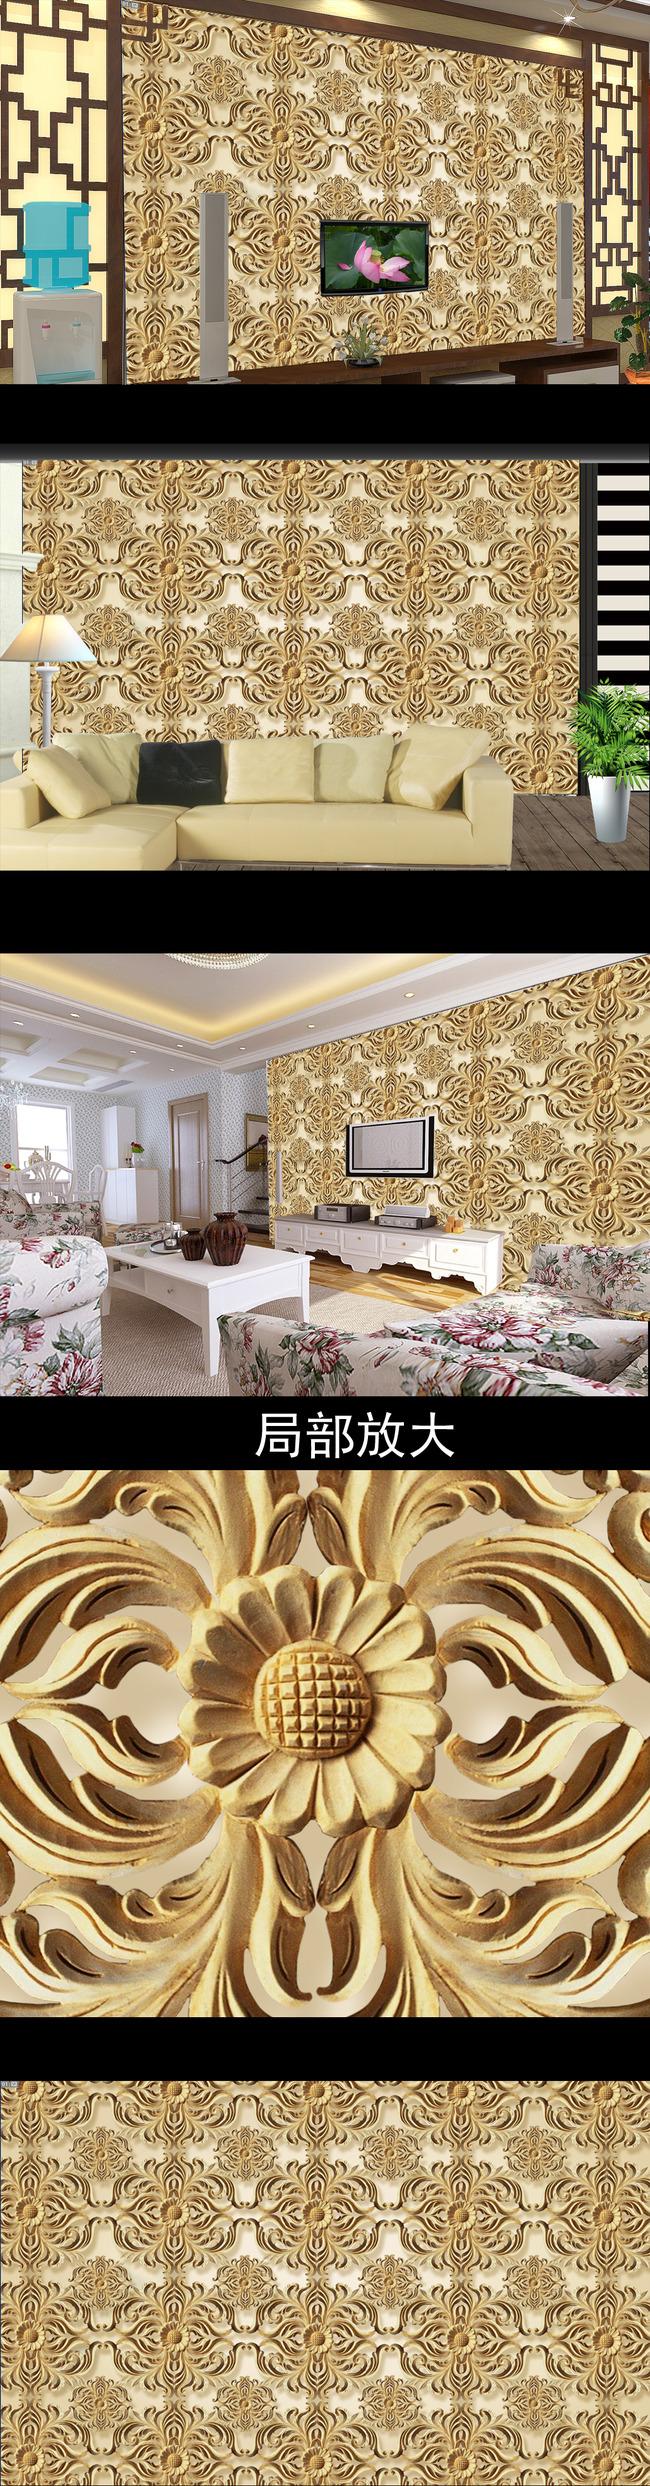 客厅欧式木雕花纹电视背景墙图片